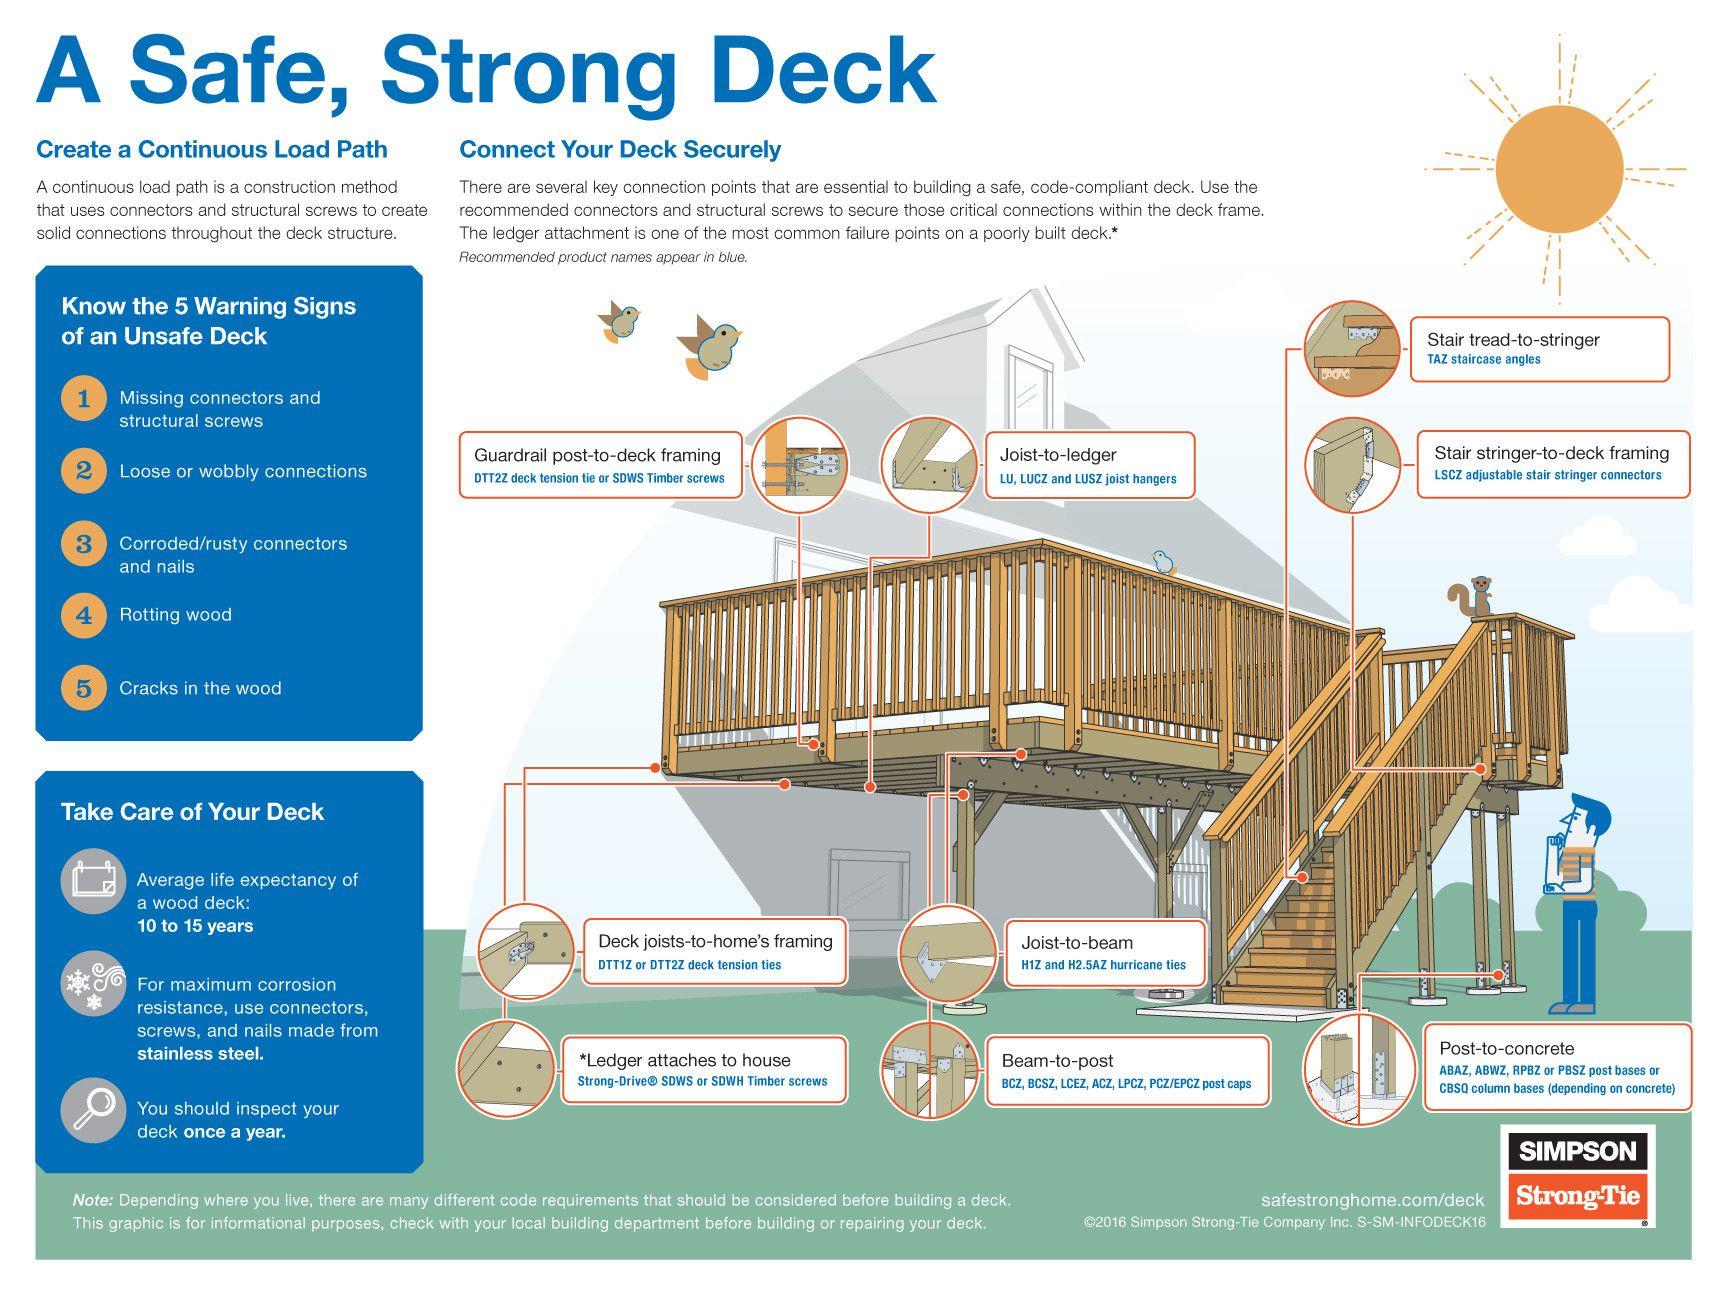 A Safe, Strong Deck